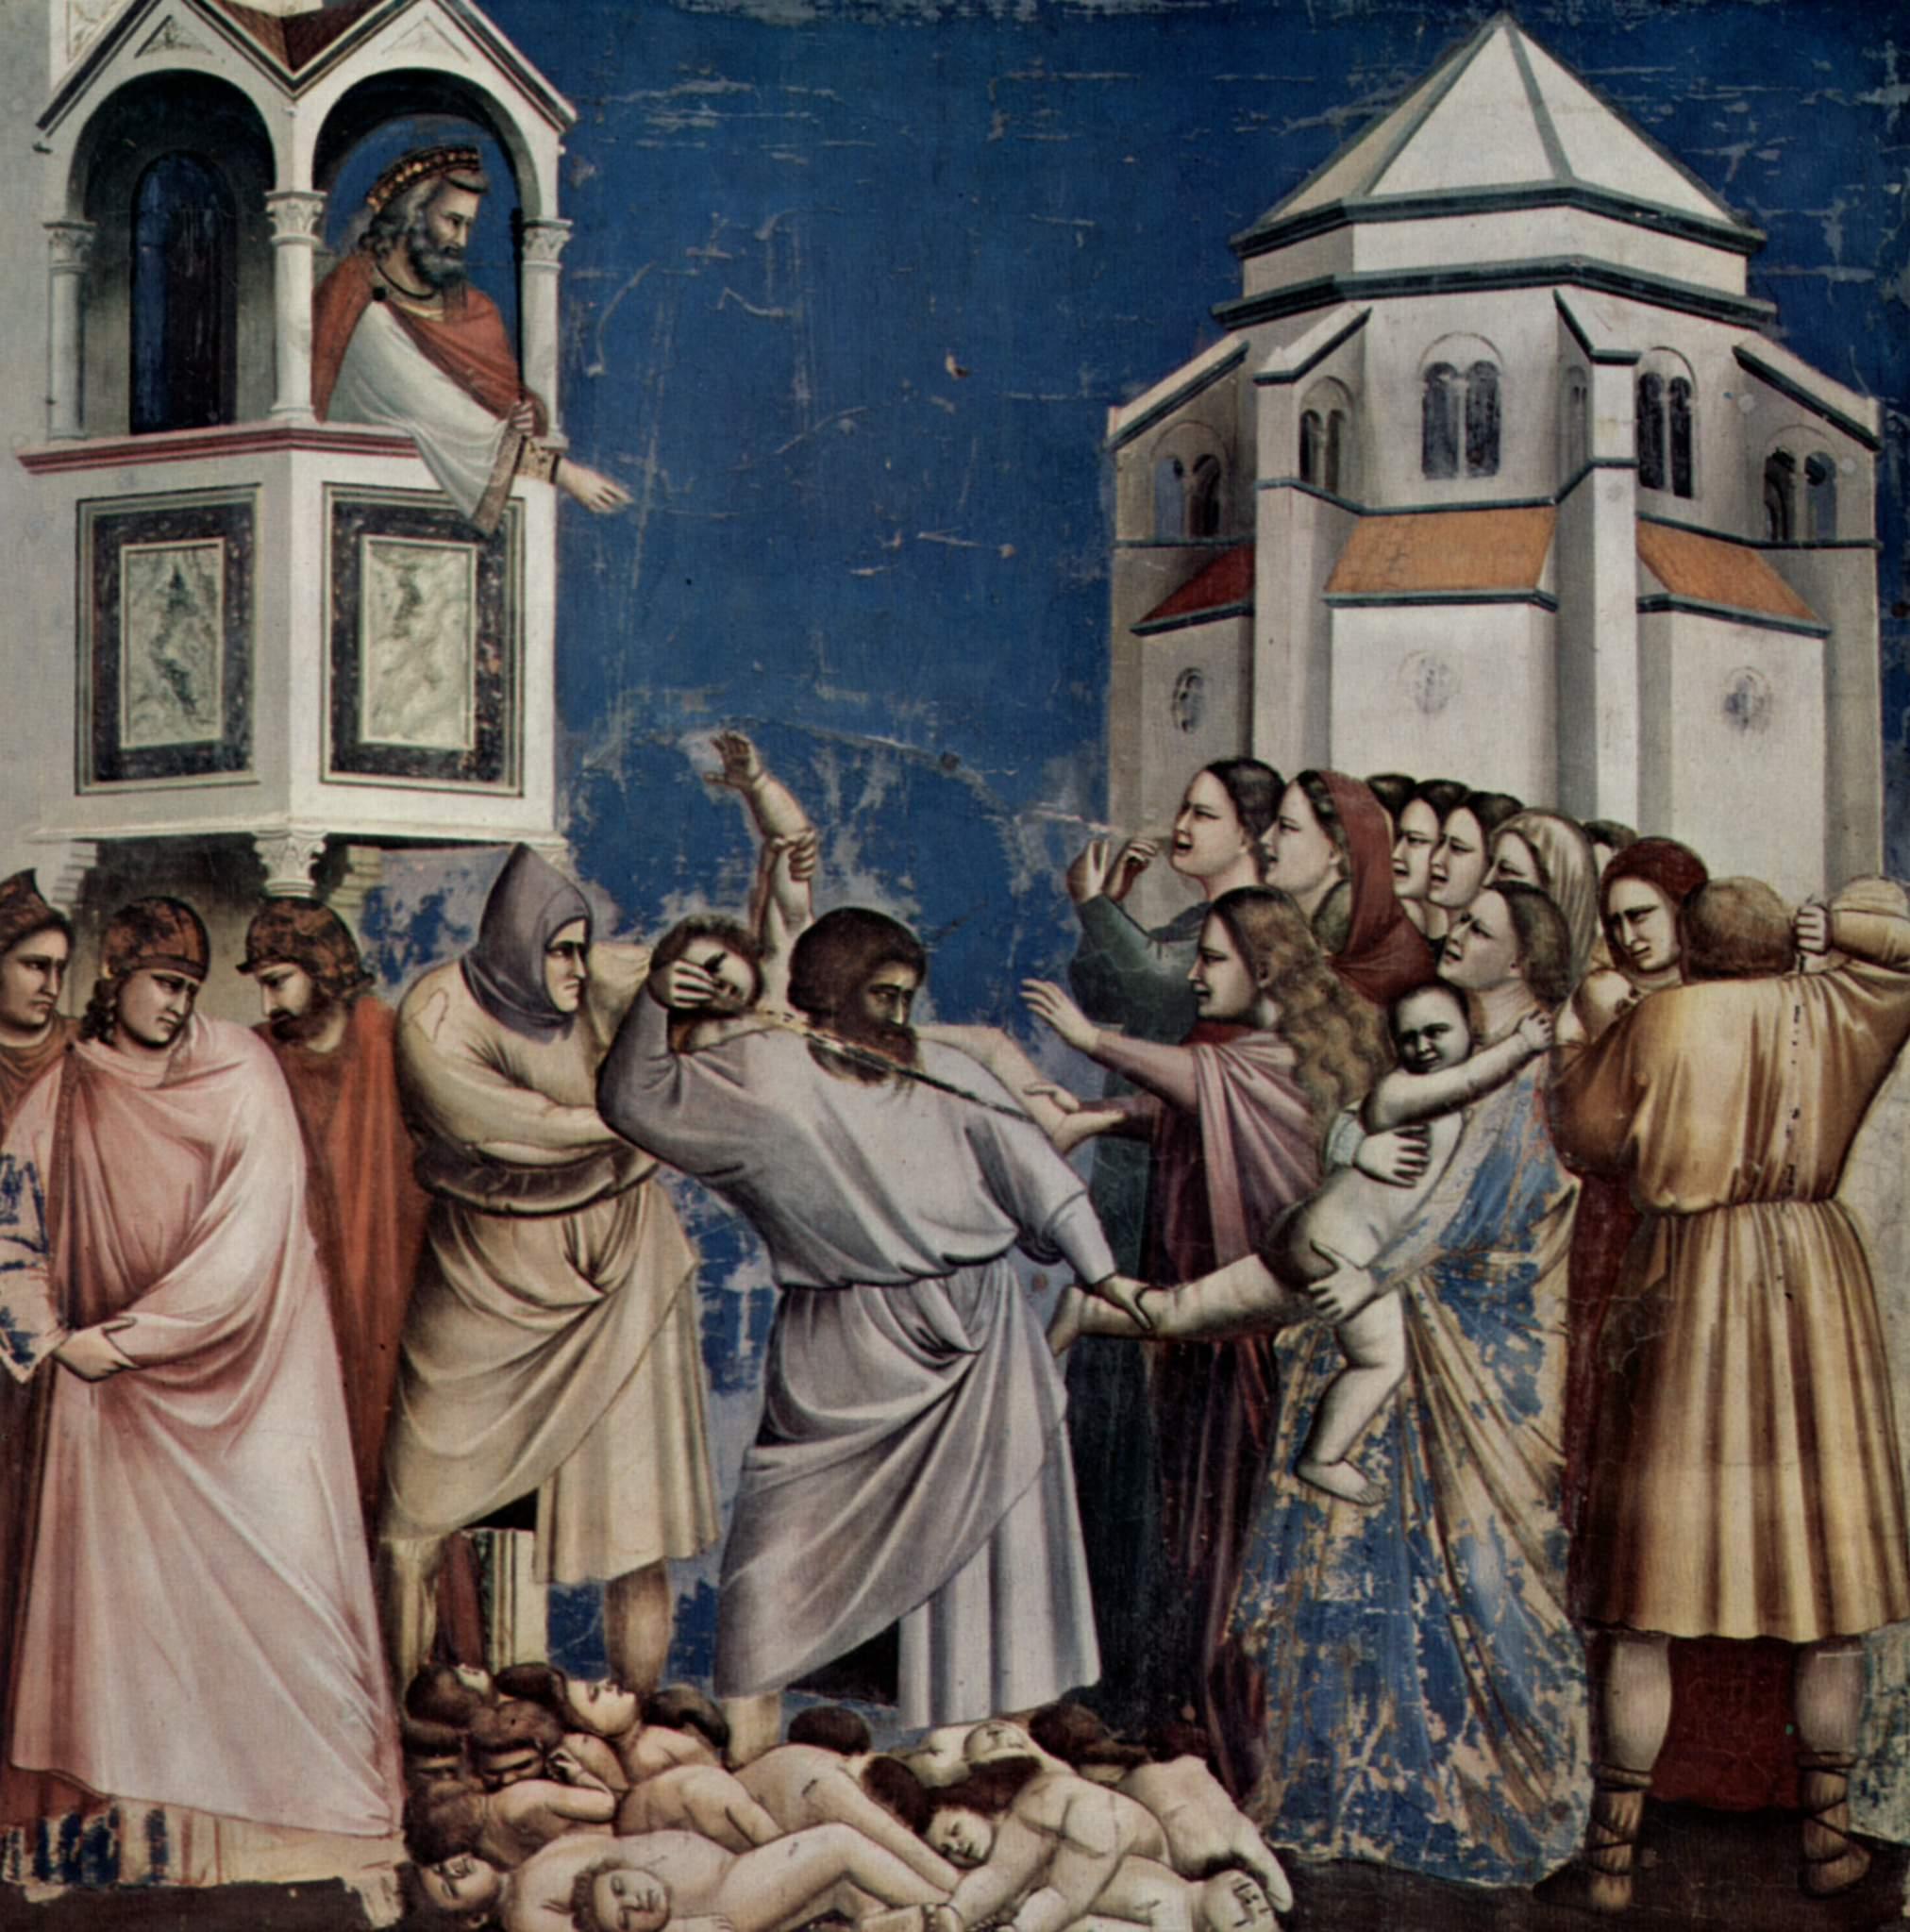 Strage degli innocenti, Cappella degli Scrovegni, Padova